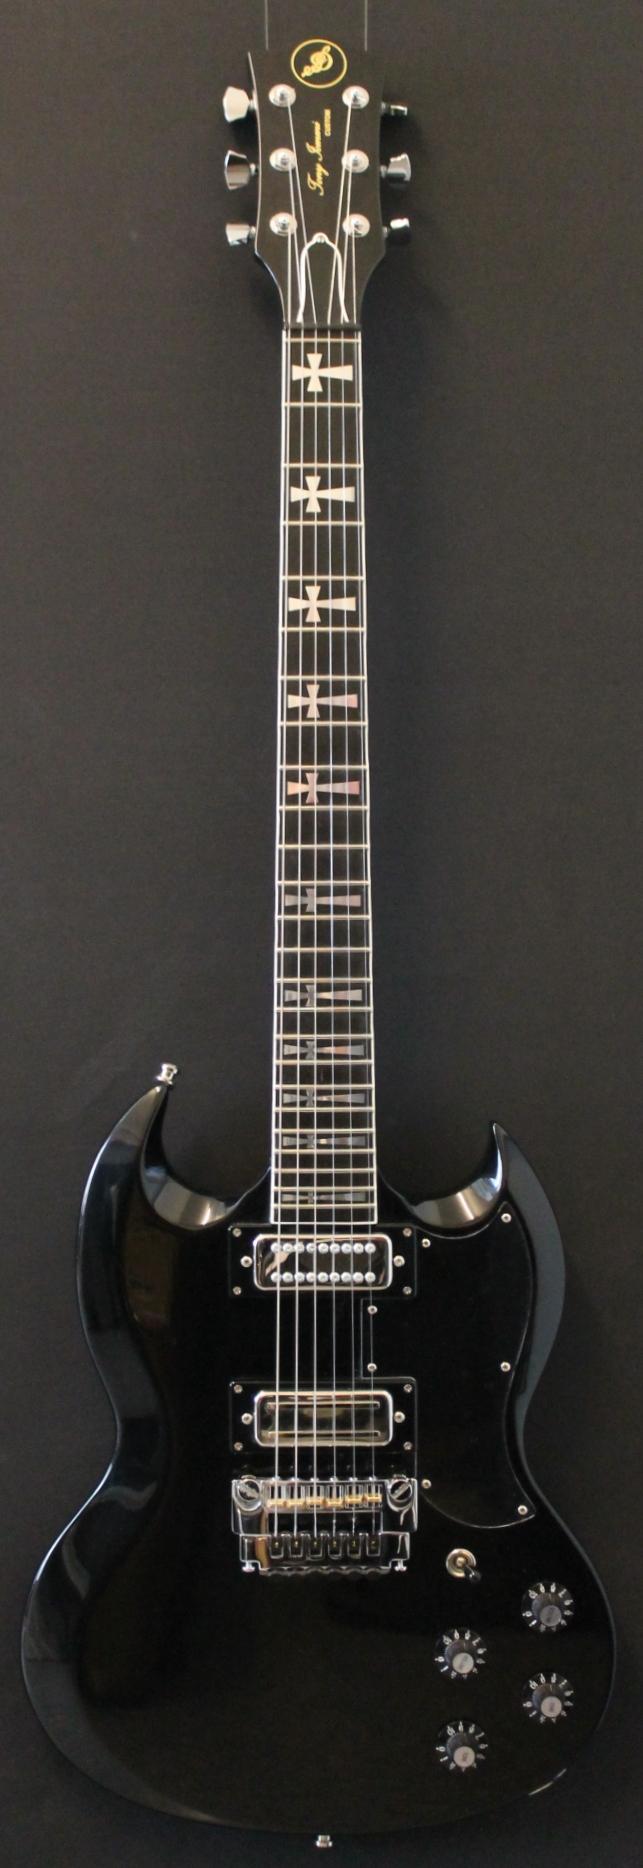 jaydee custom guitars the tony iommi oldboy 2011 guitar for sale kitarakuu. Black Bedroom Furniture Sets. Home Design Ideas